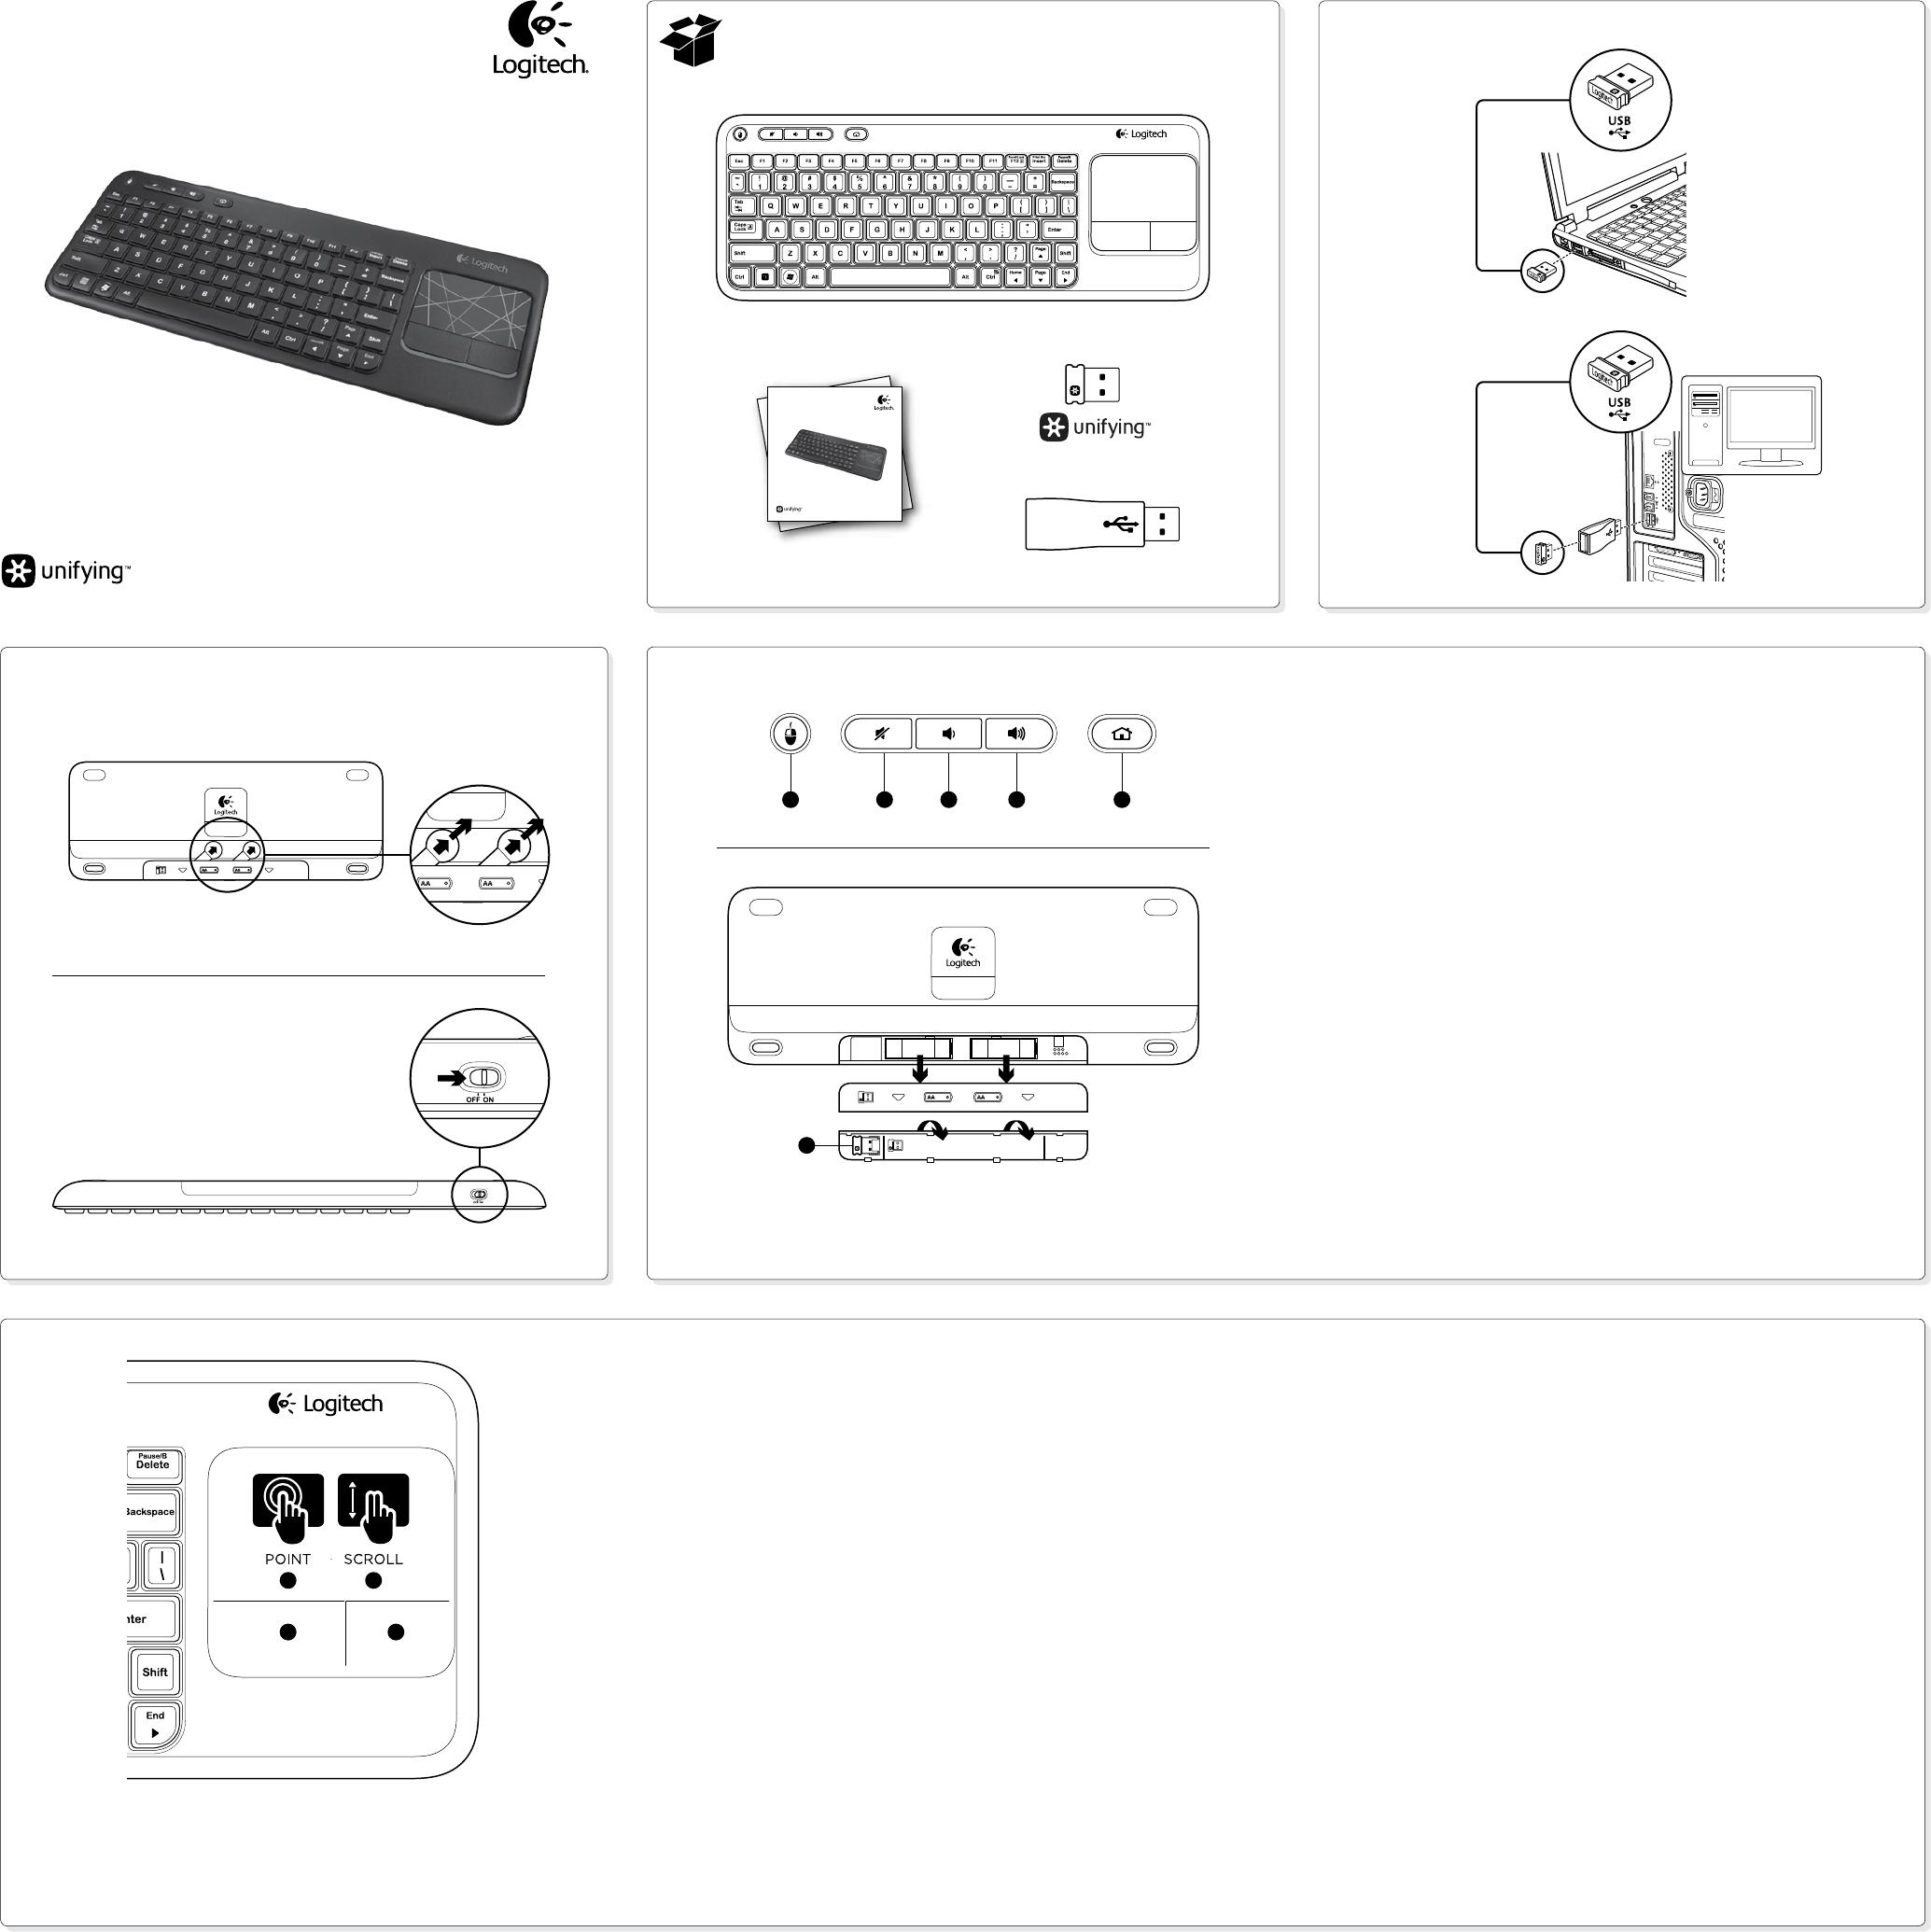 Logitech Wireless Touch Keyboard K400 manual